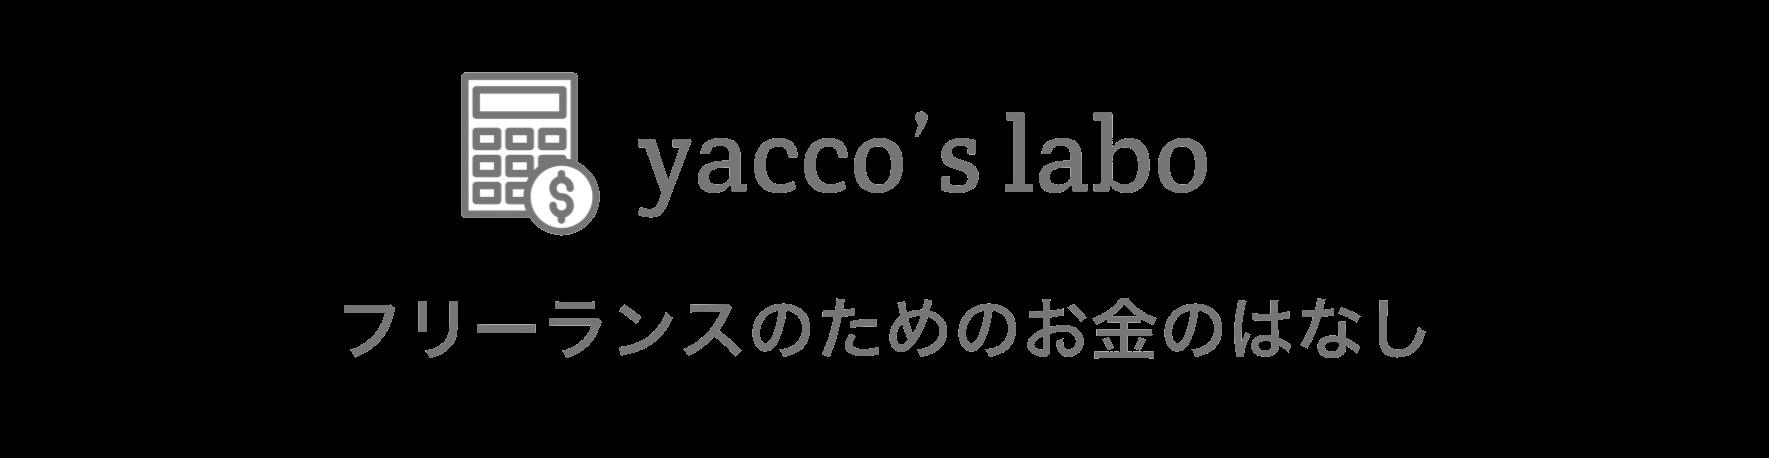 yacco's labo